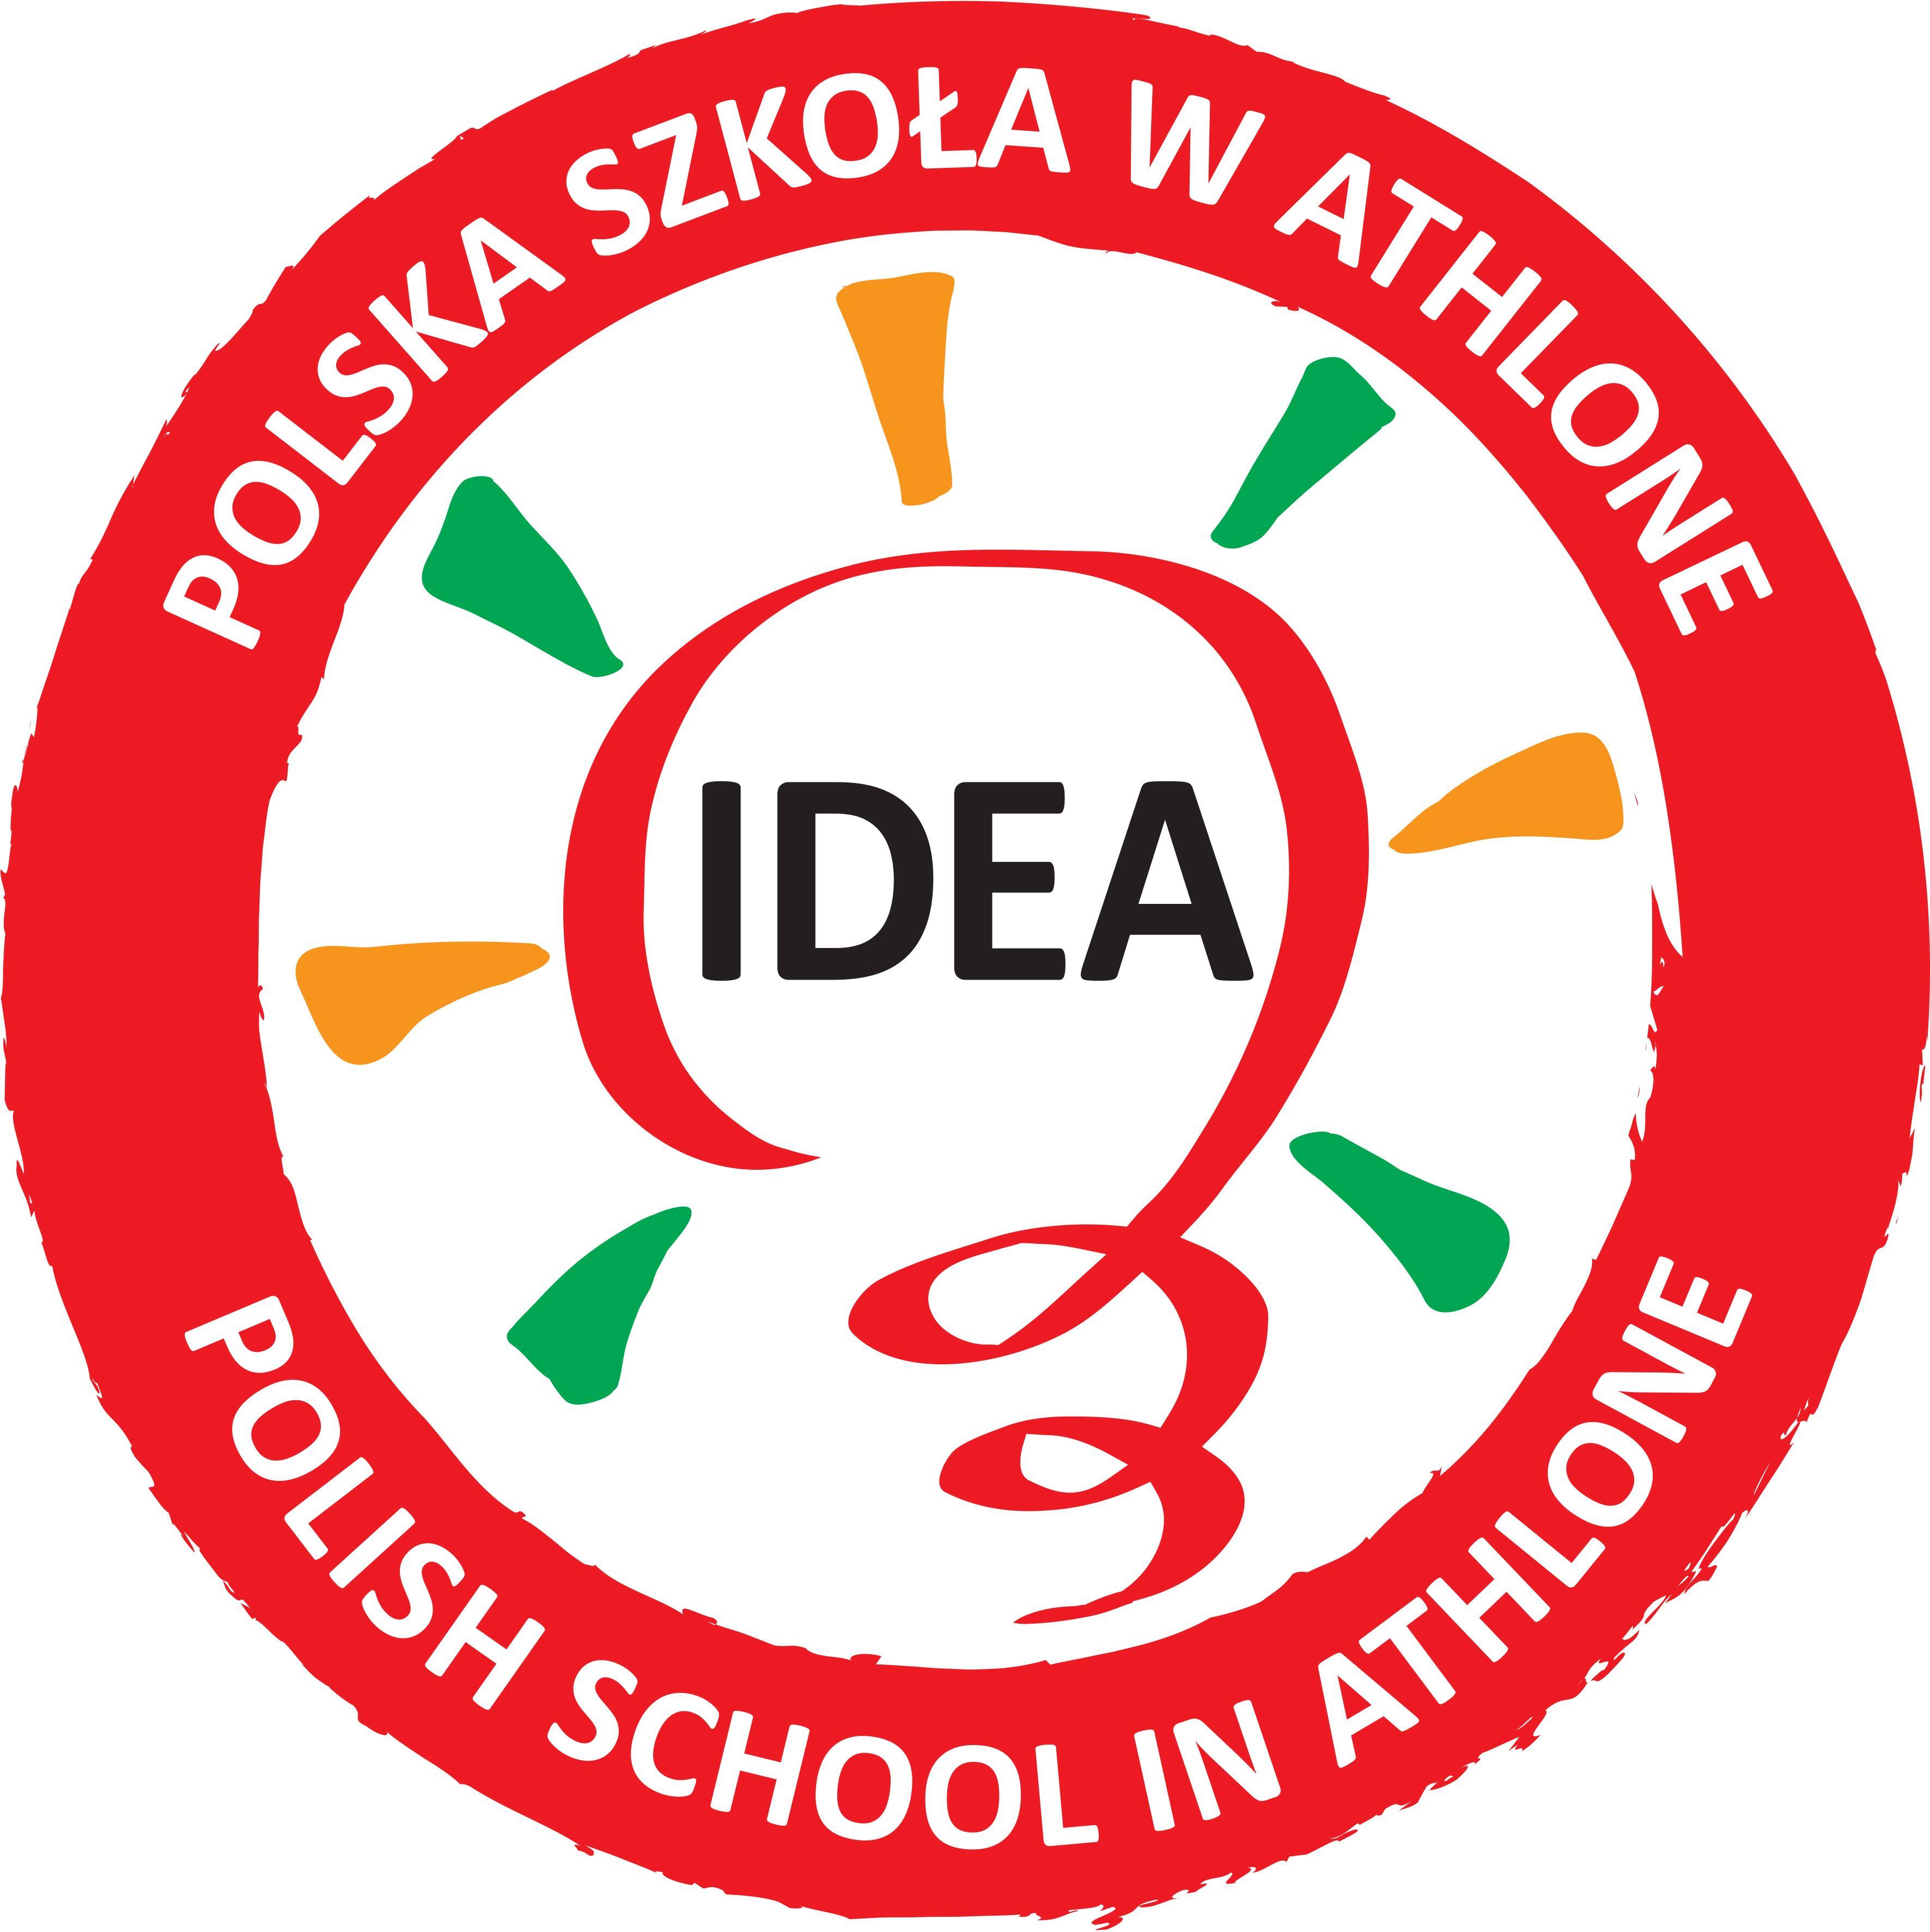 Polish School IDEA in Athlone